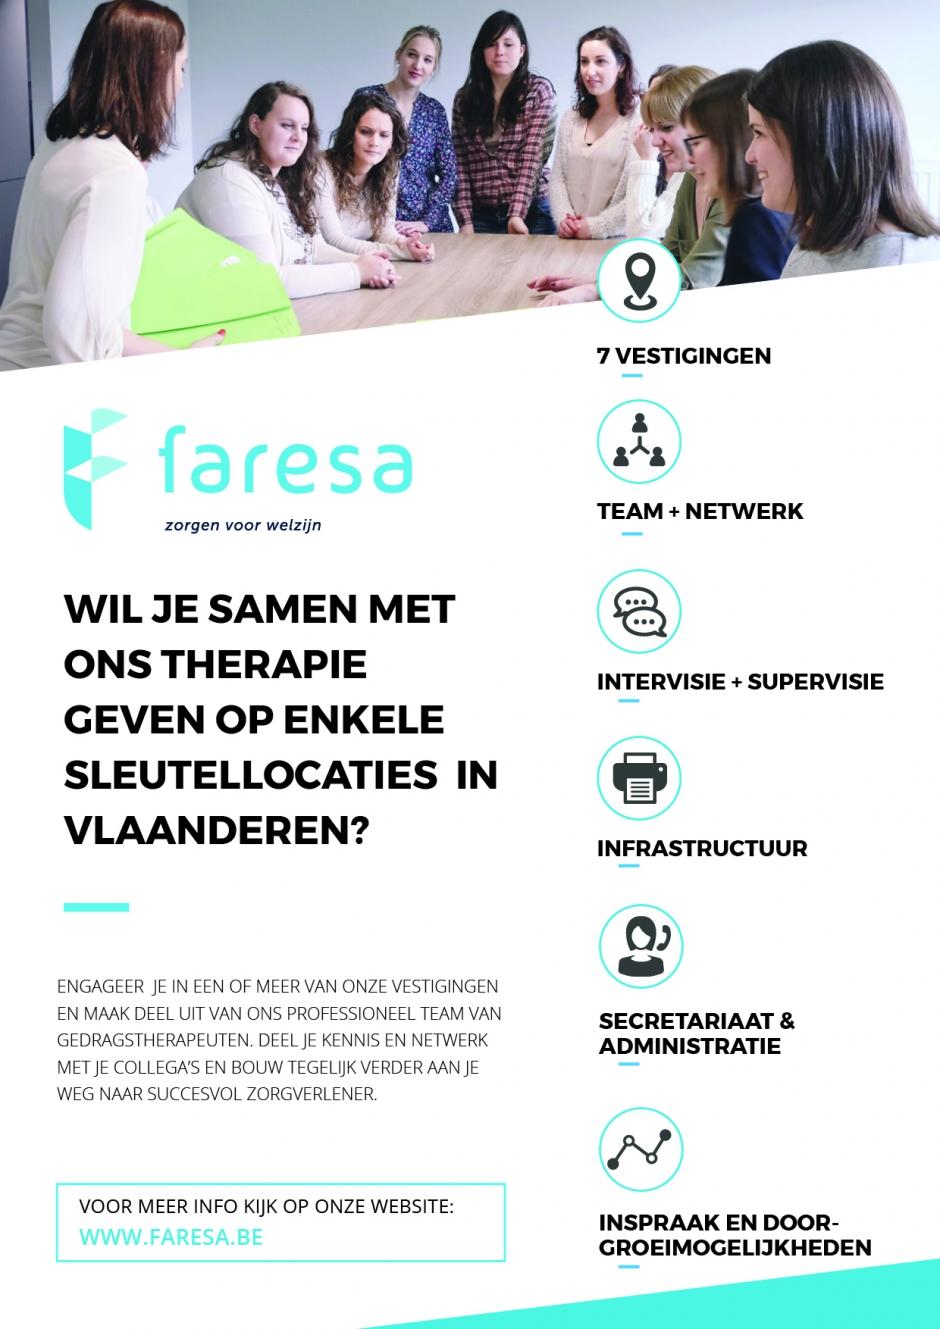 Een informatieve foto over werken bij Faresa dat de vele voordelen aanhaalt: zowel op persoonlijk als op professioneel vlak.